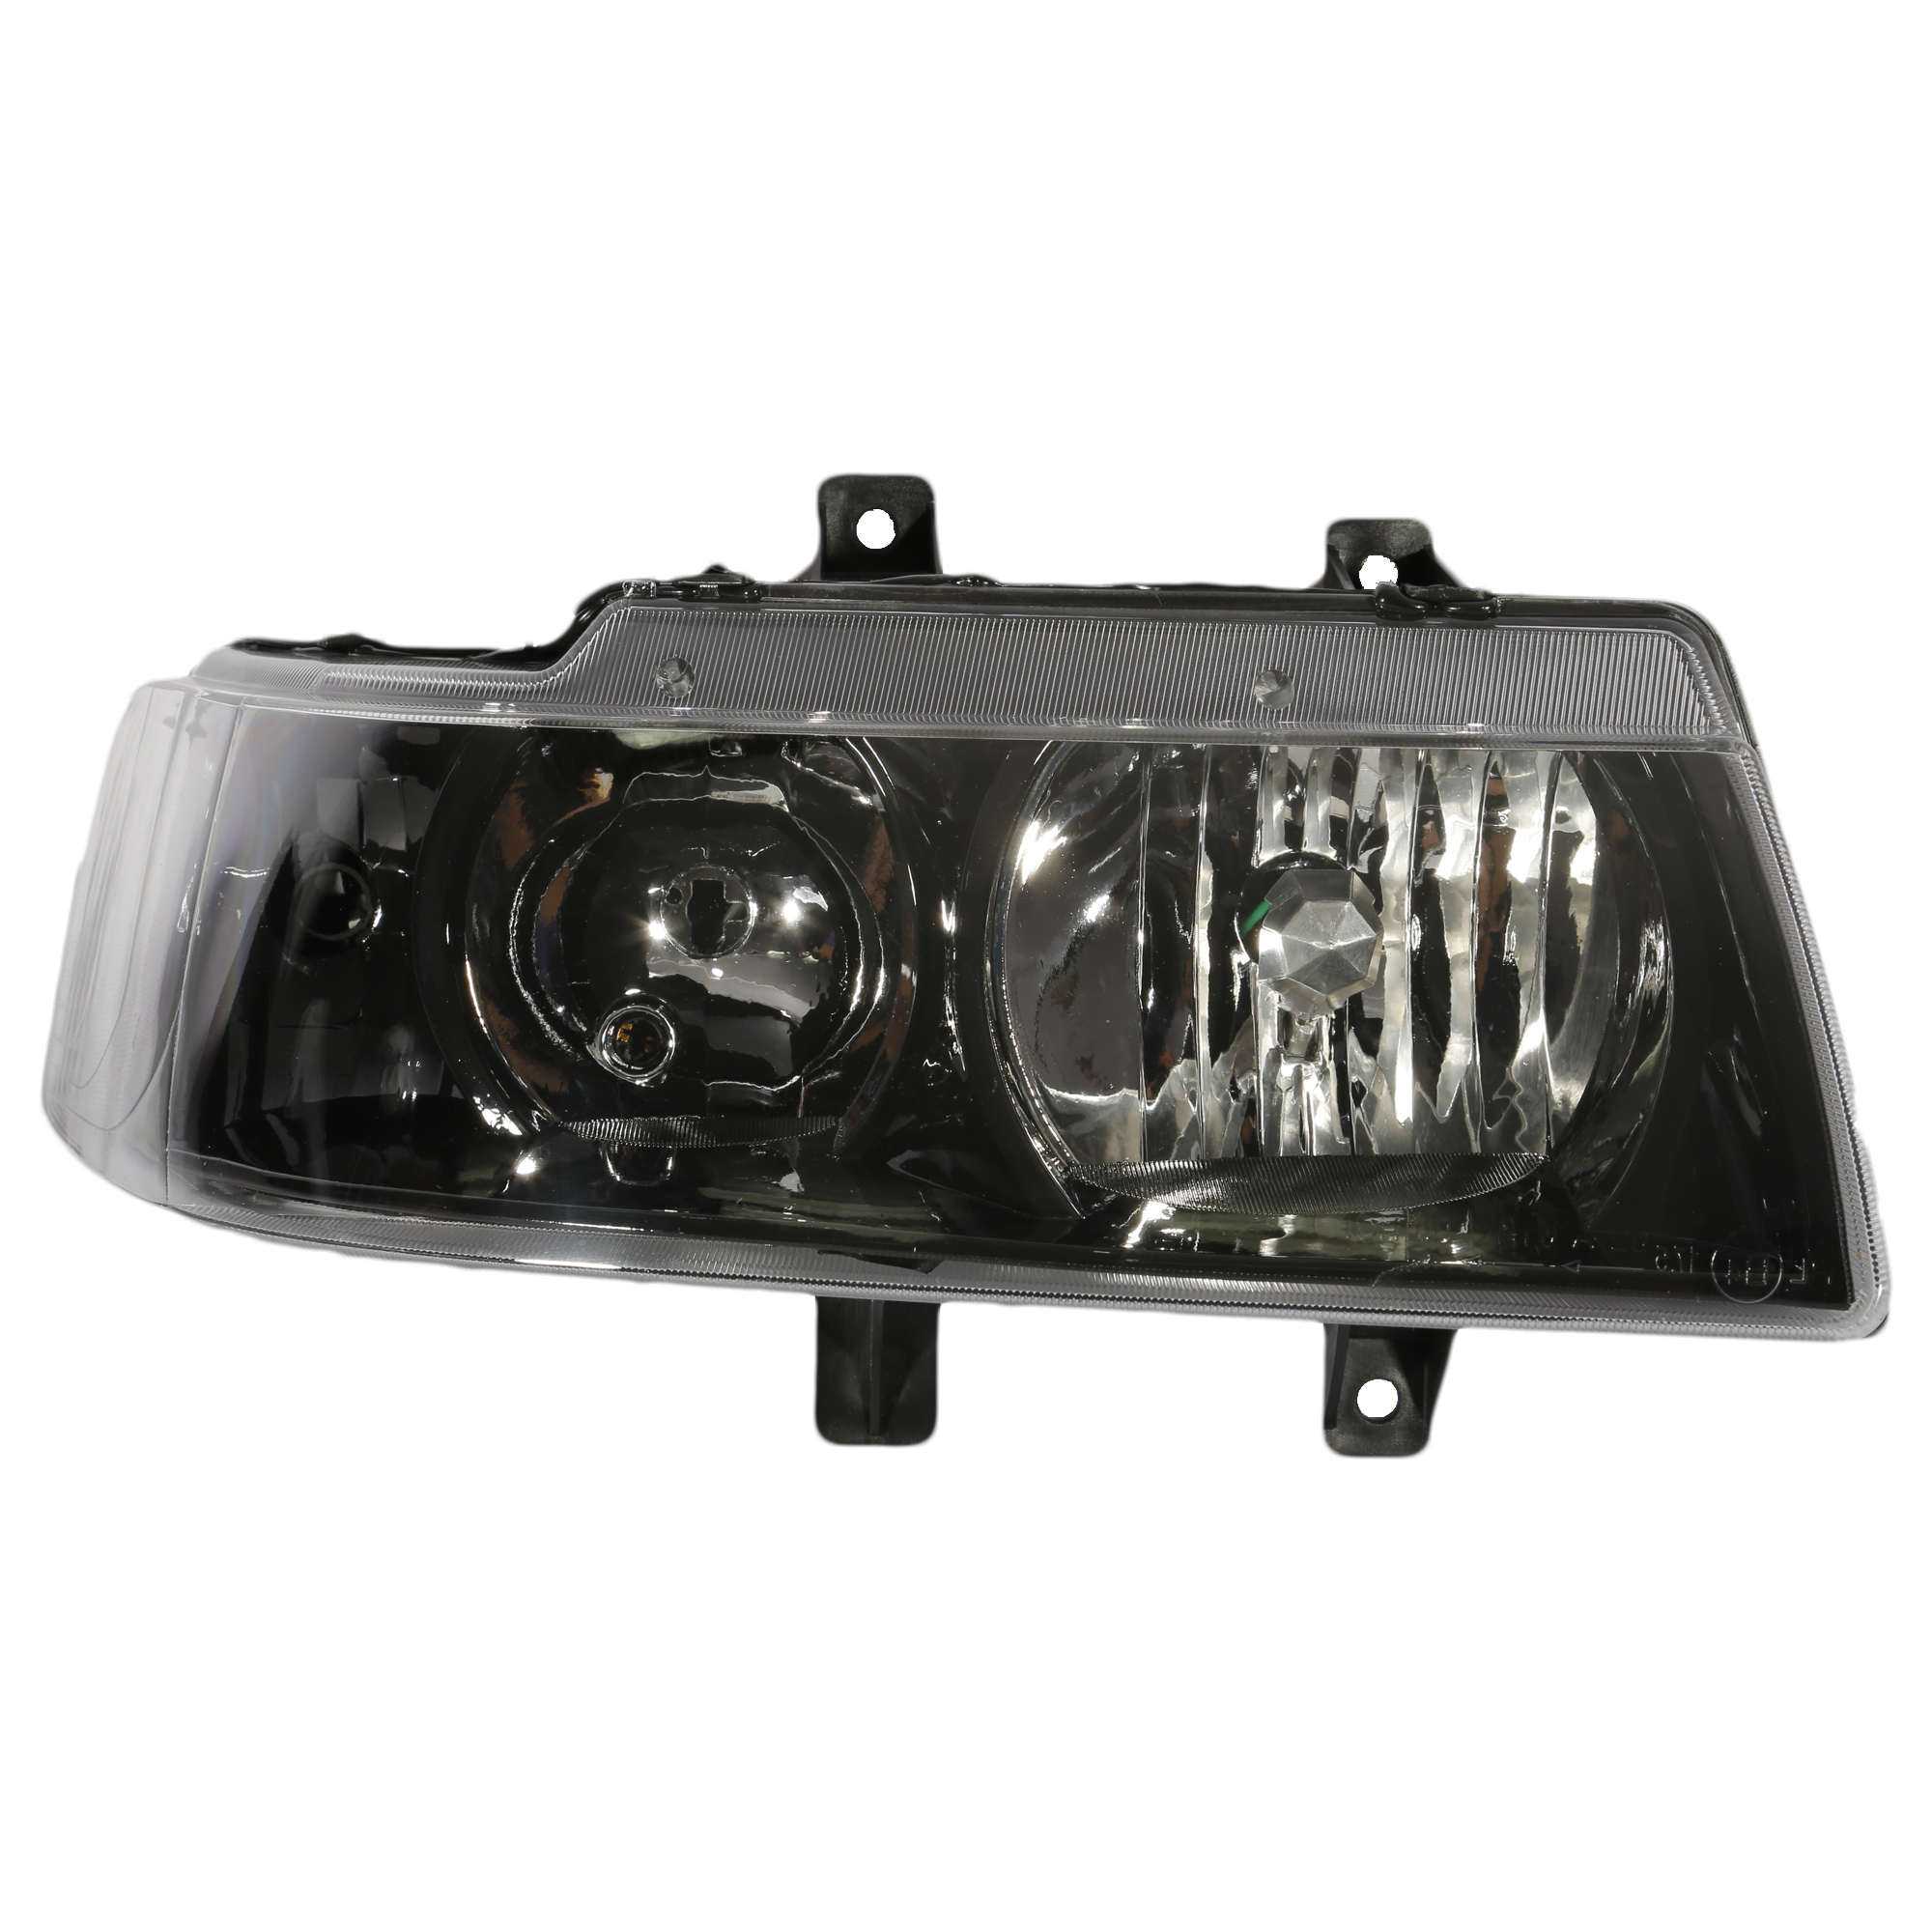 چراغ جلو چپ فراز مدل FT-560 مناسب برای سمند